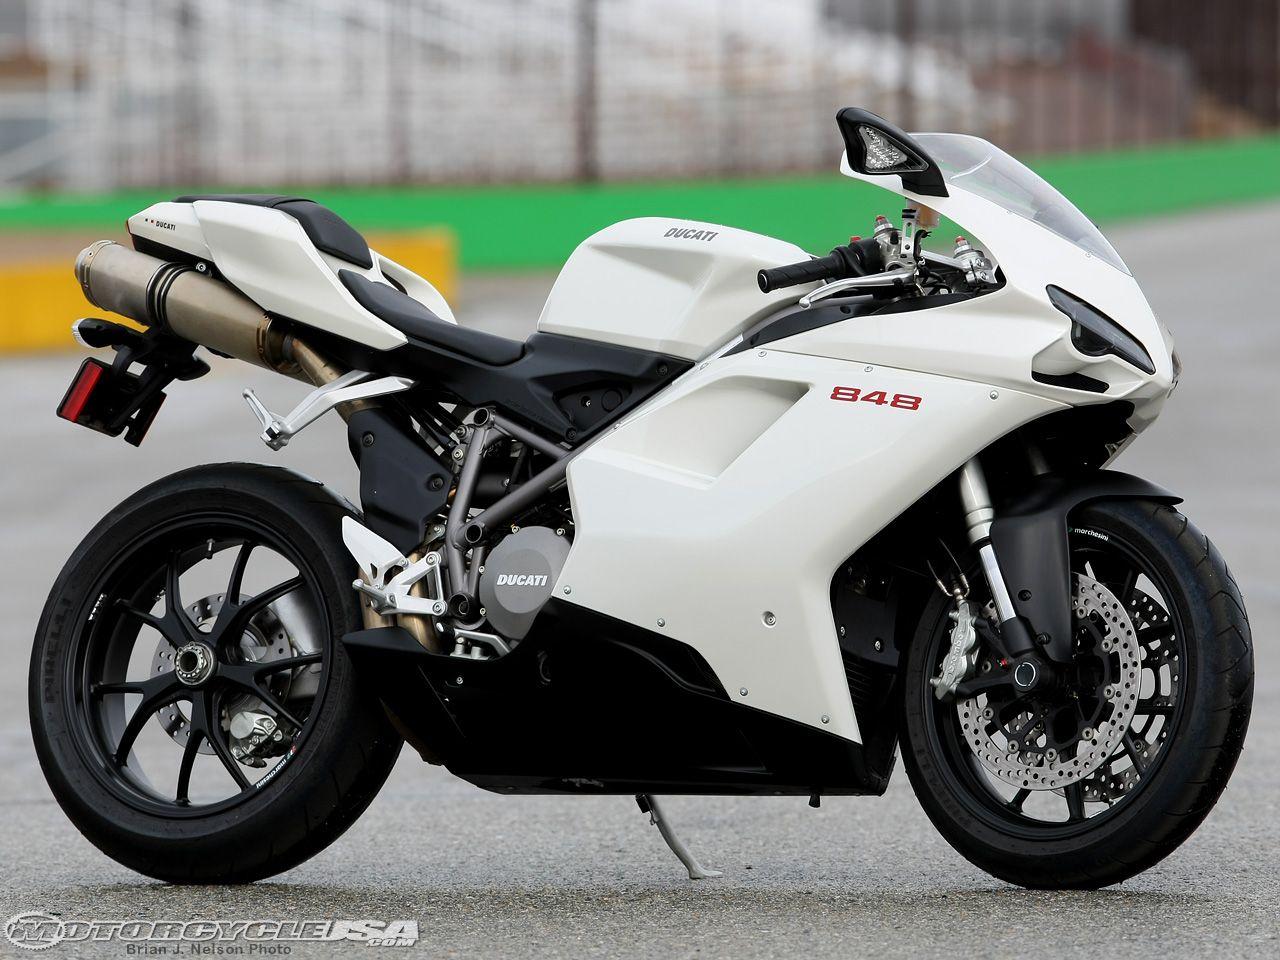 2009 Ducati 848 Comparison